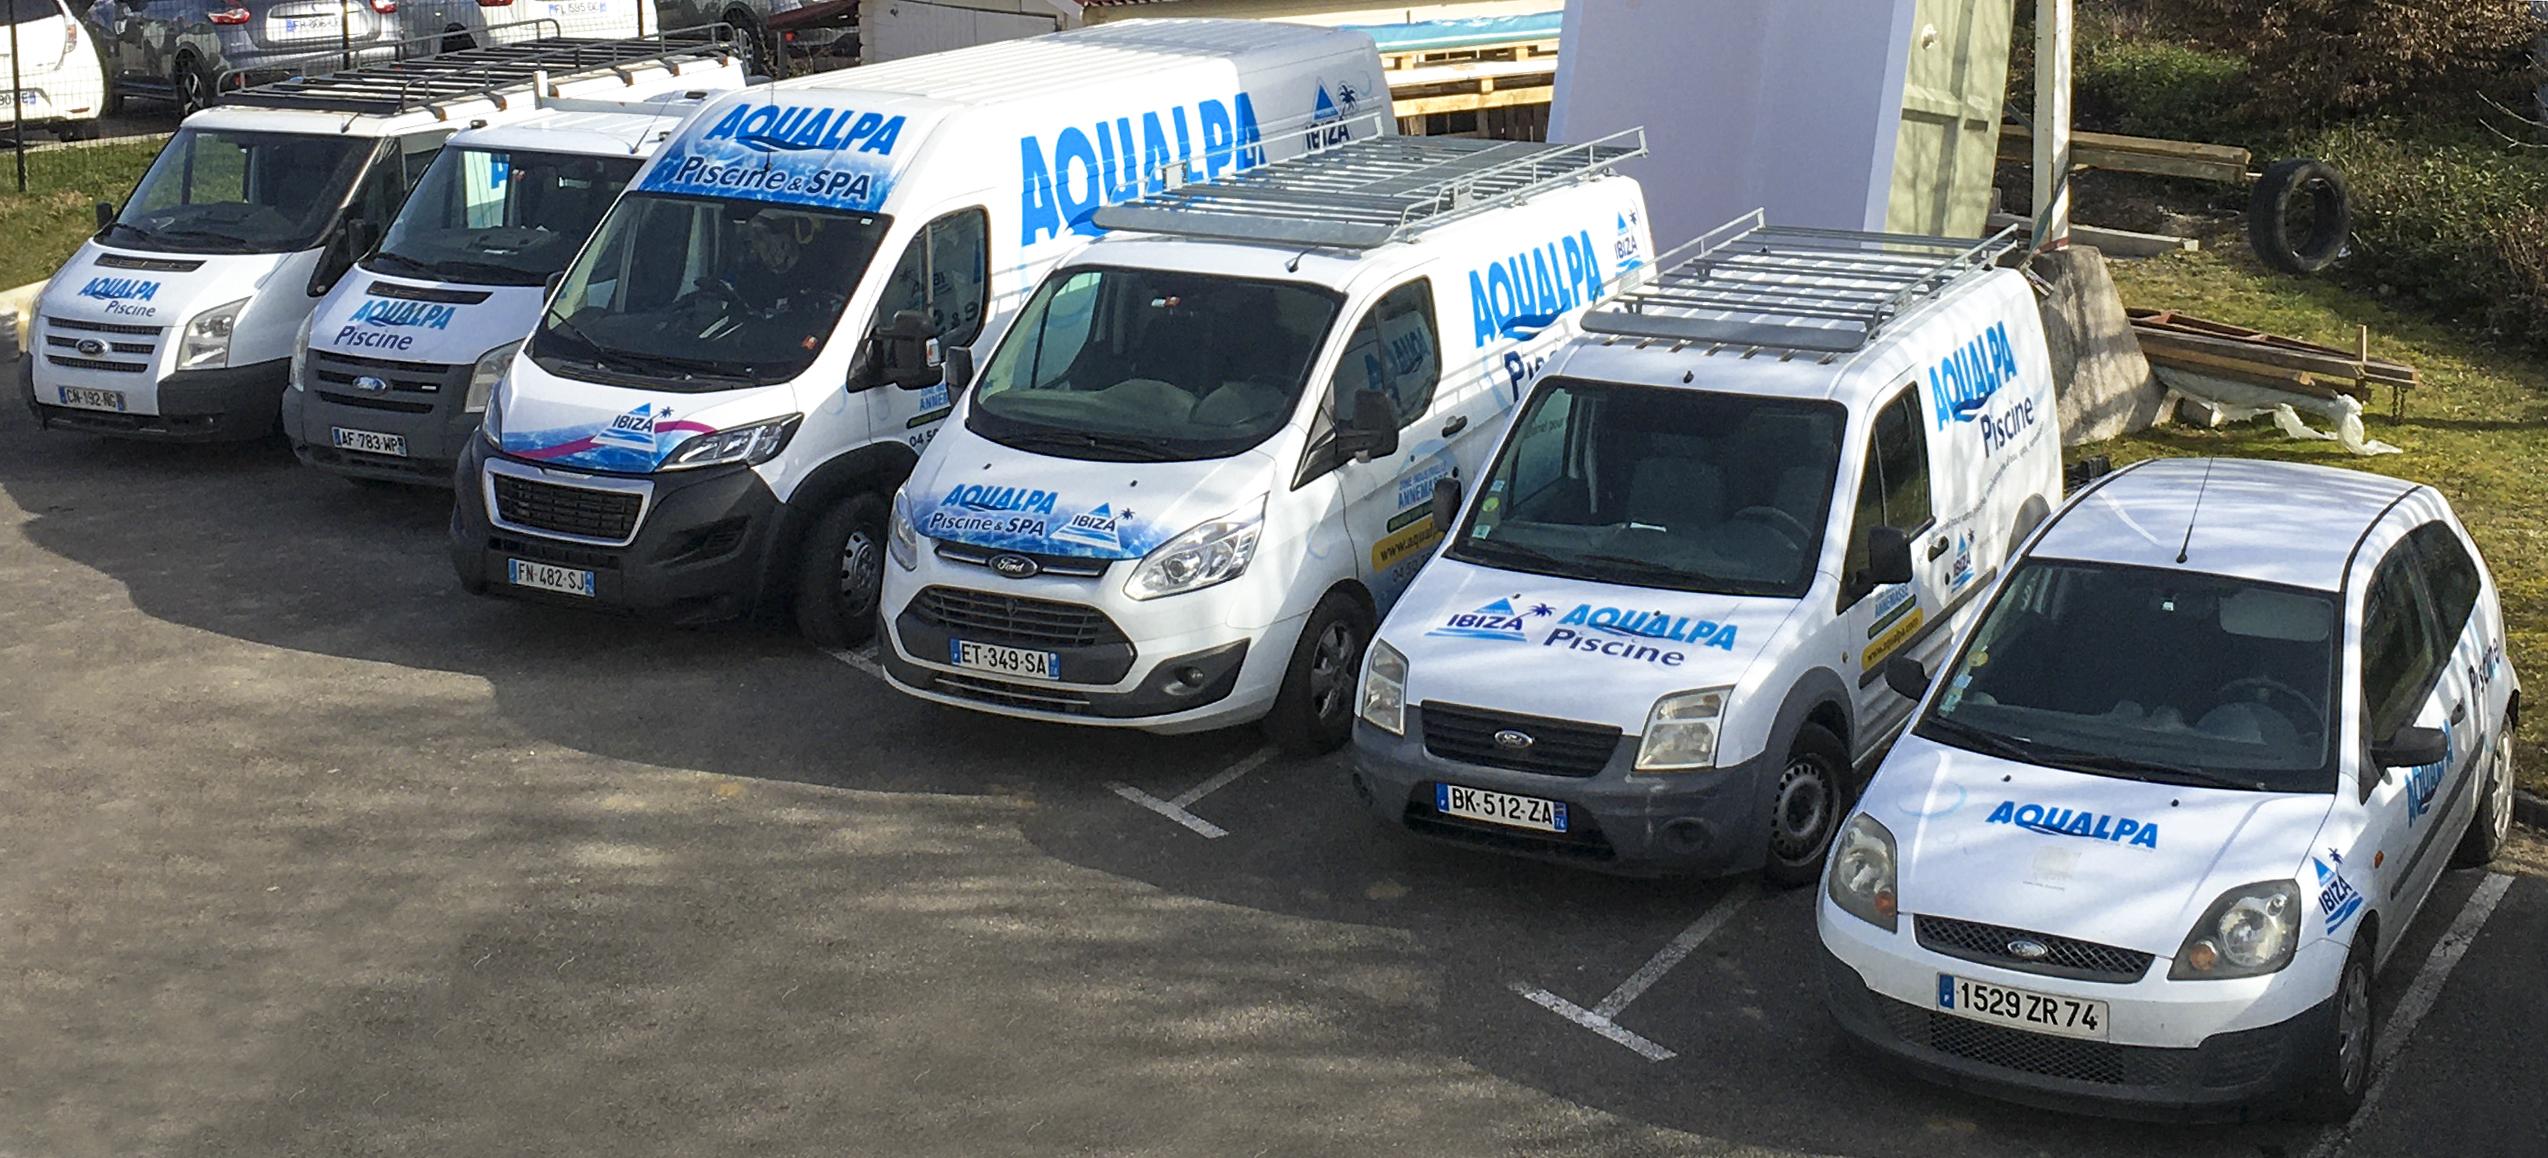 Equipe Aqualpa